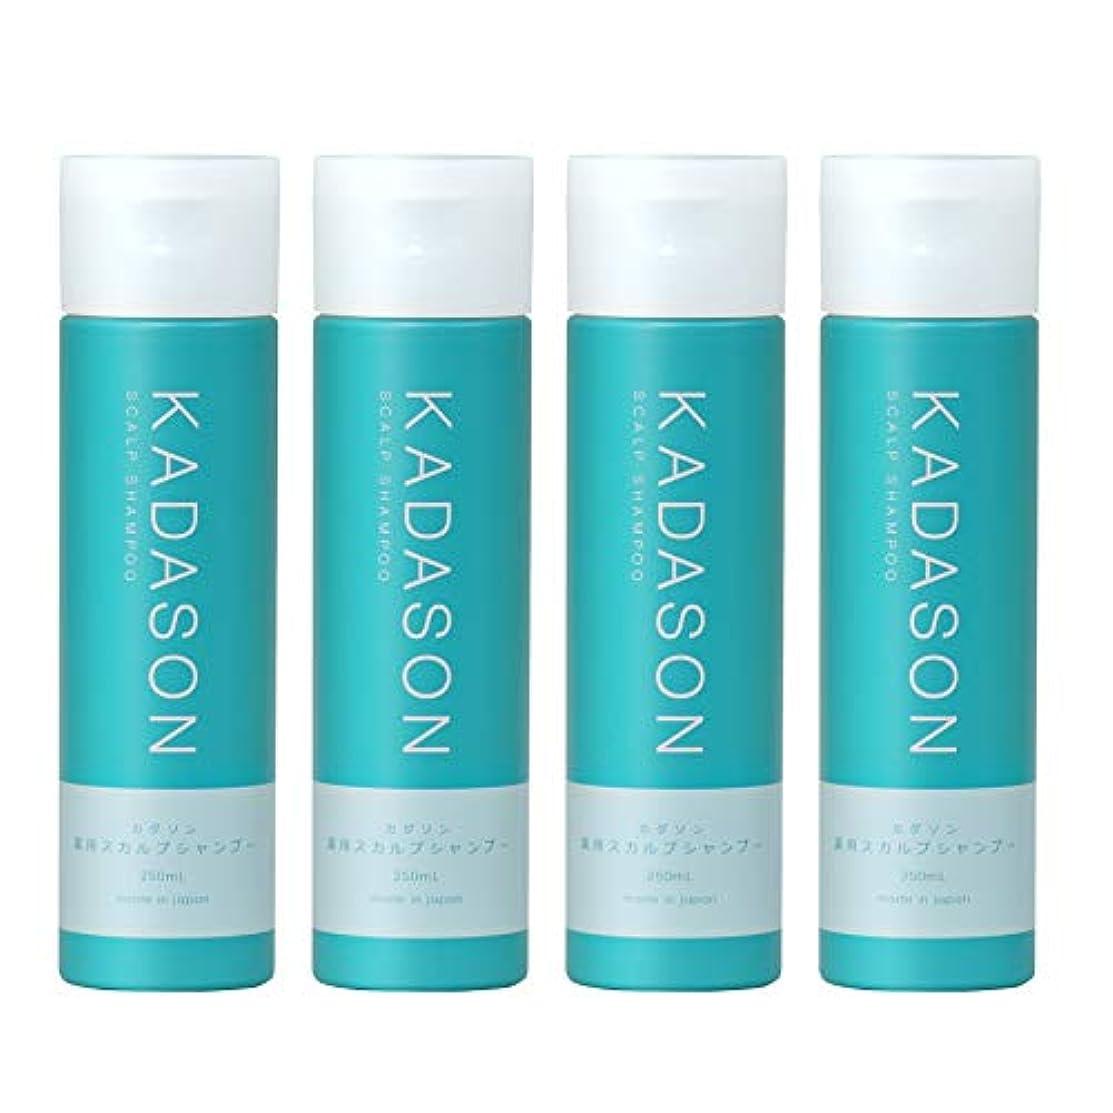 再現するジーンズ程度[ 医薬部外品 ] KADASON (カダソン) スカルプシャンプー 4本セット (250ml×4 / 脂性肌) 薬用シャンプー 天然由来成分 (日本製)